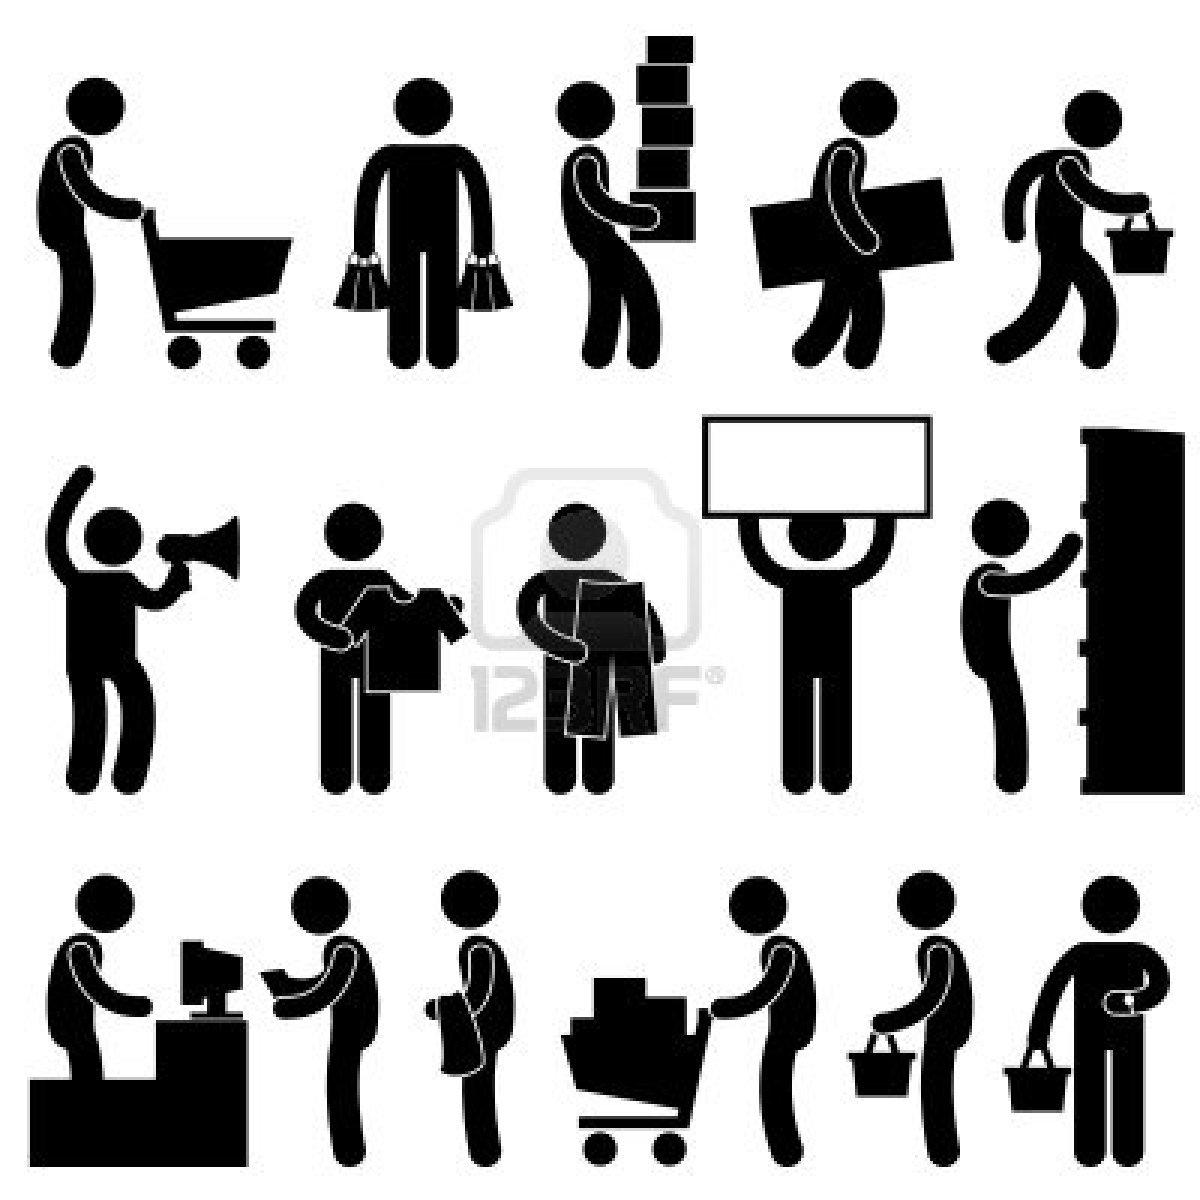 10475716-hombre-gente-comprando-carro-mercado-por-menor-venta-cola